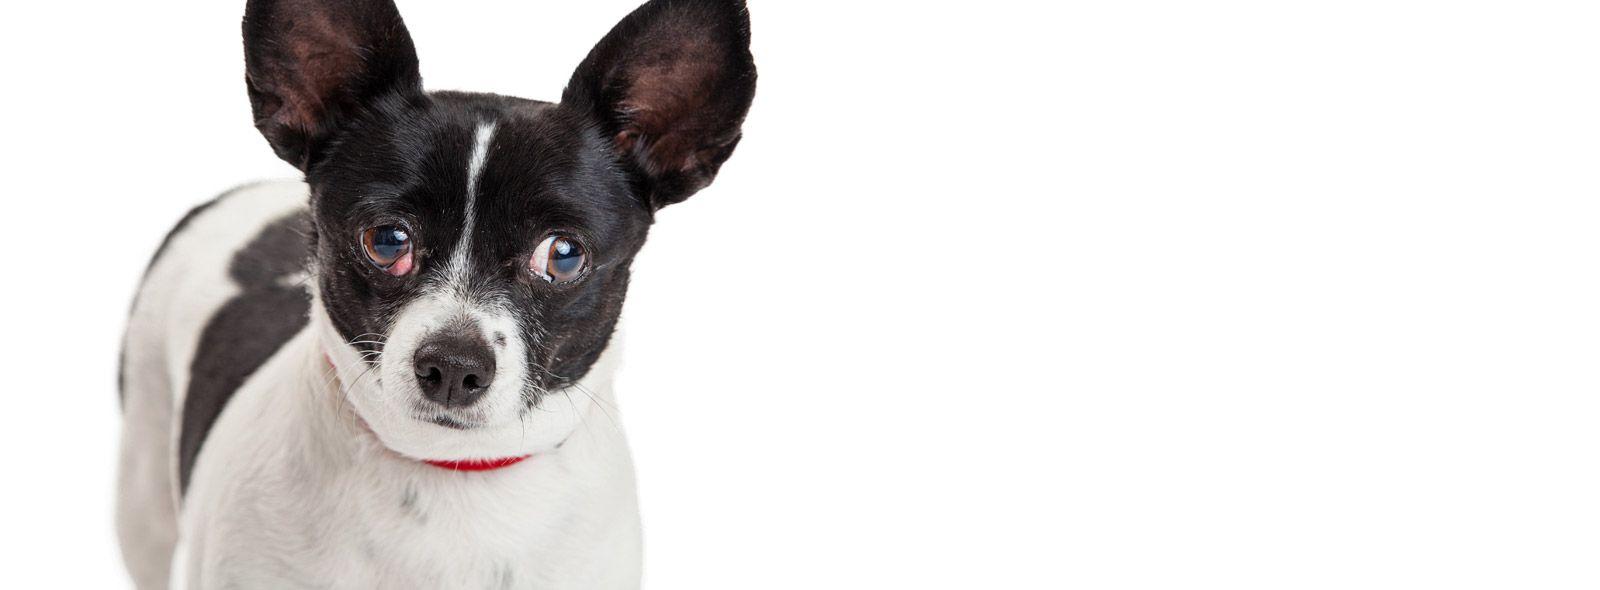 Cos'è la terza palpebra del cane?